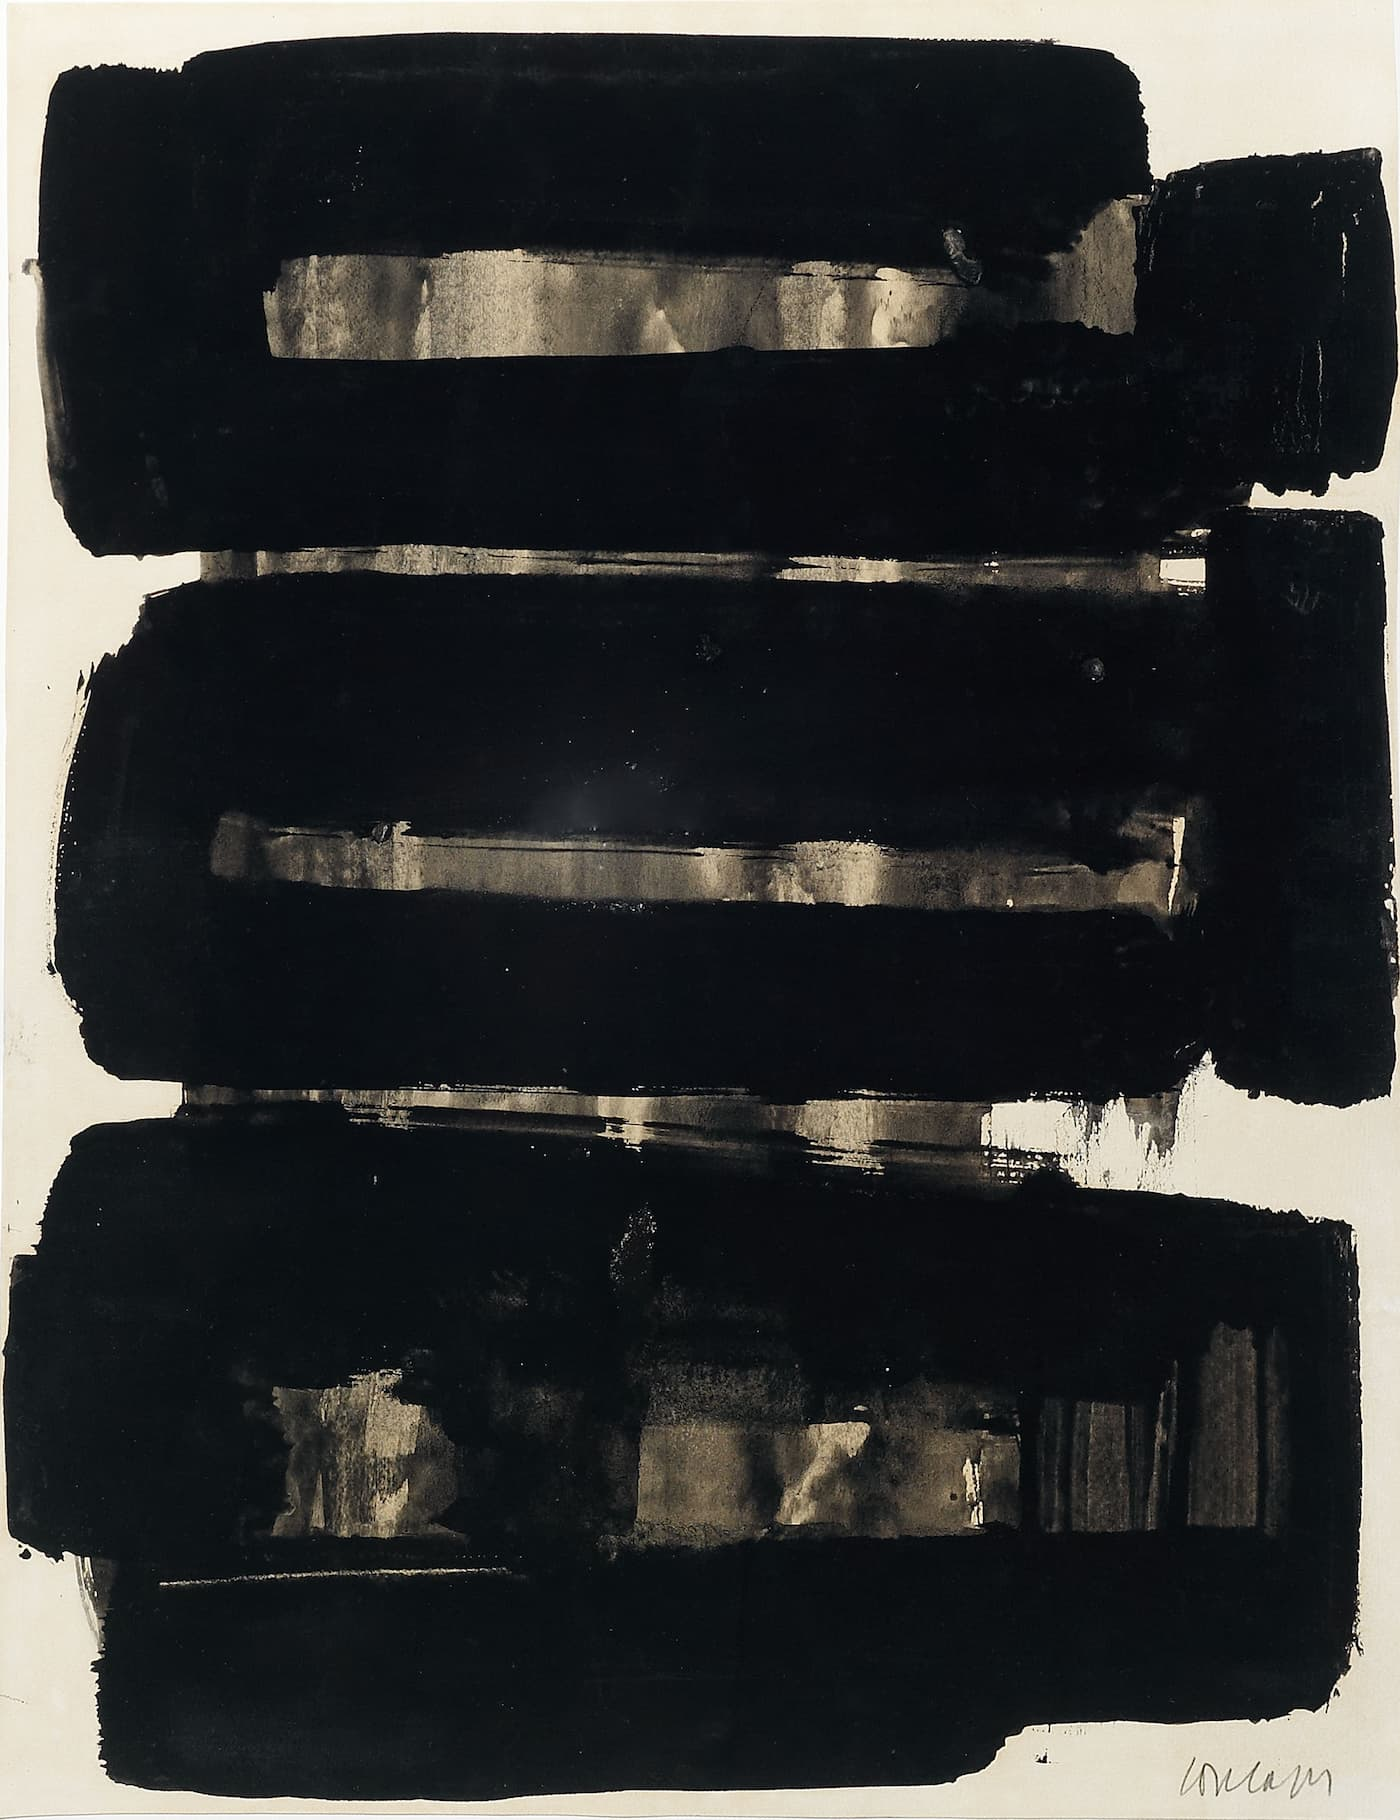 Applicat-Prazan, Pierre Soulages, Sans titre, 1957